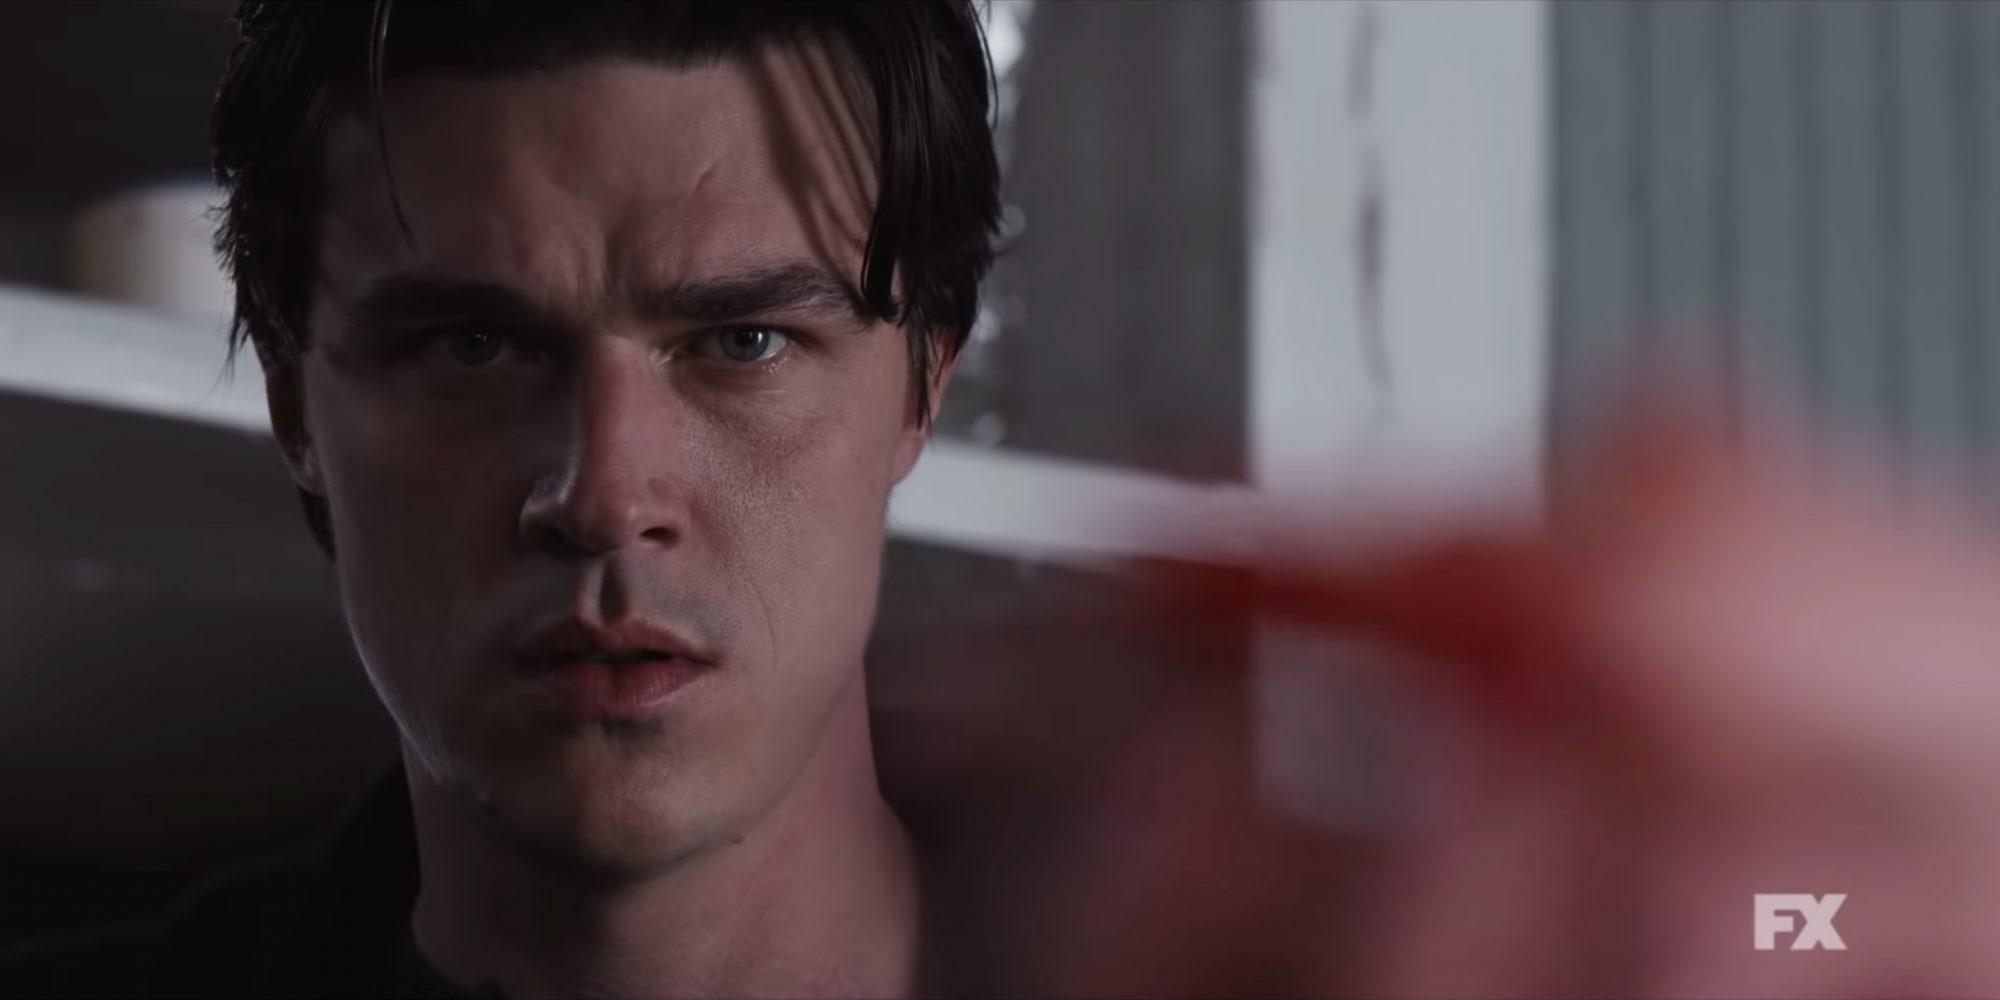 American Horror Story: Double Feature - Finn Wittrock